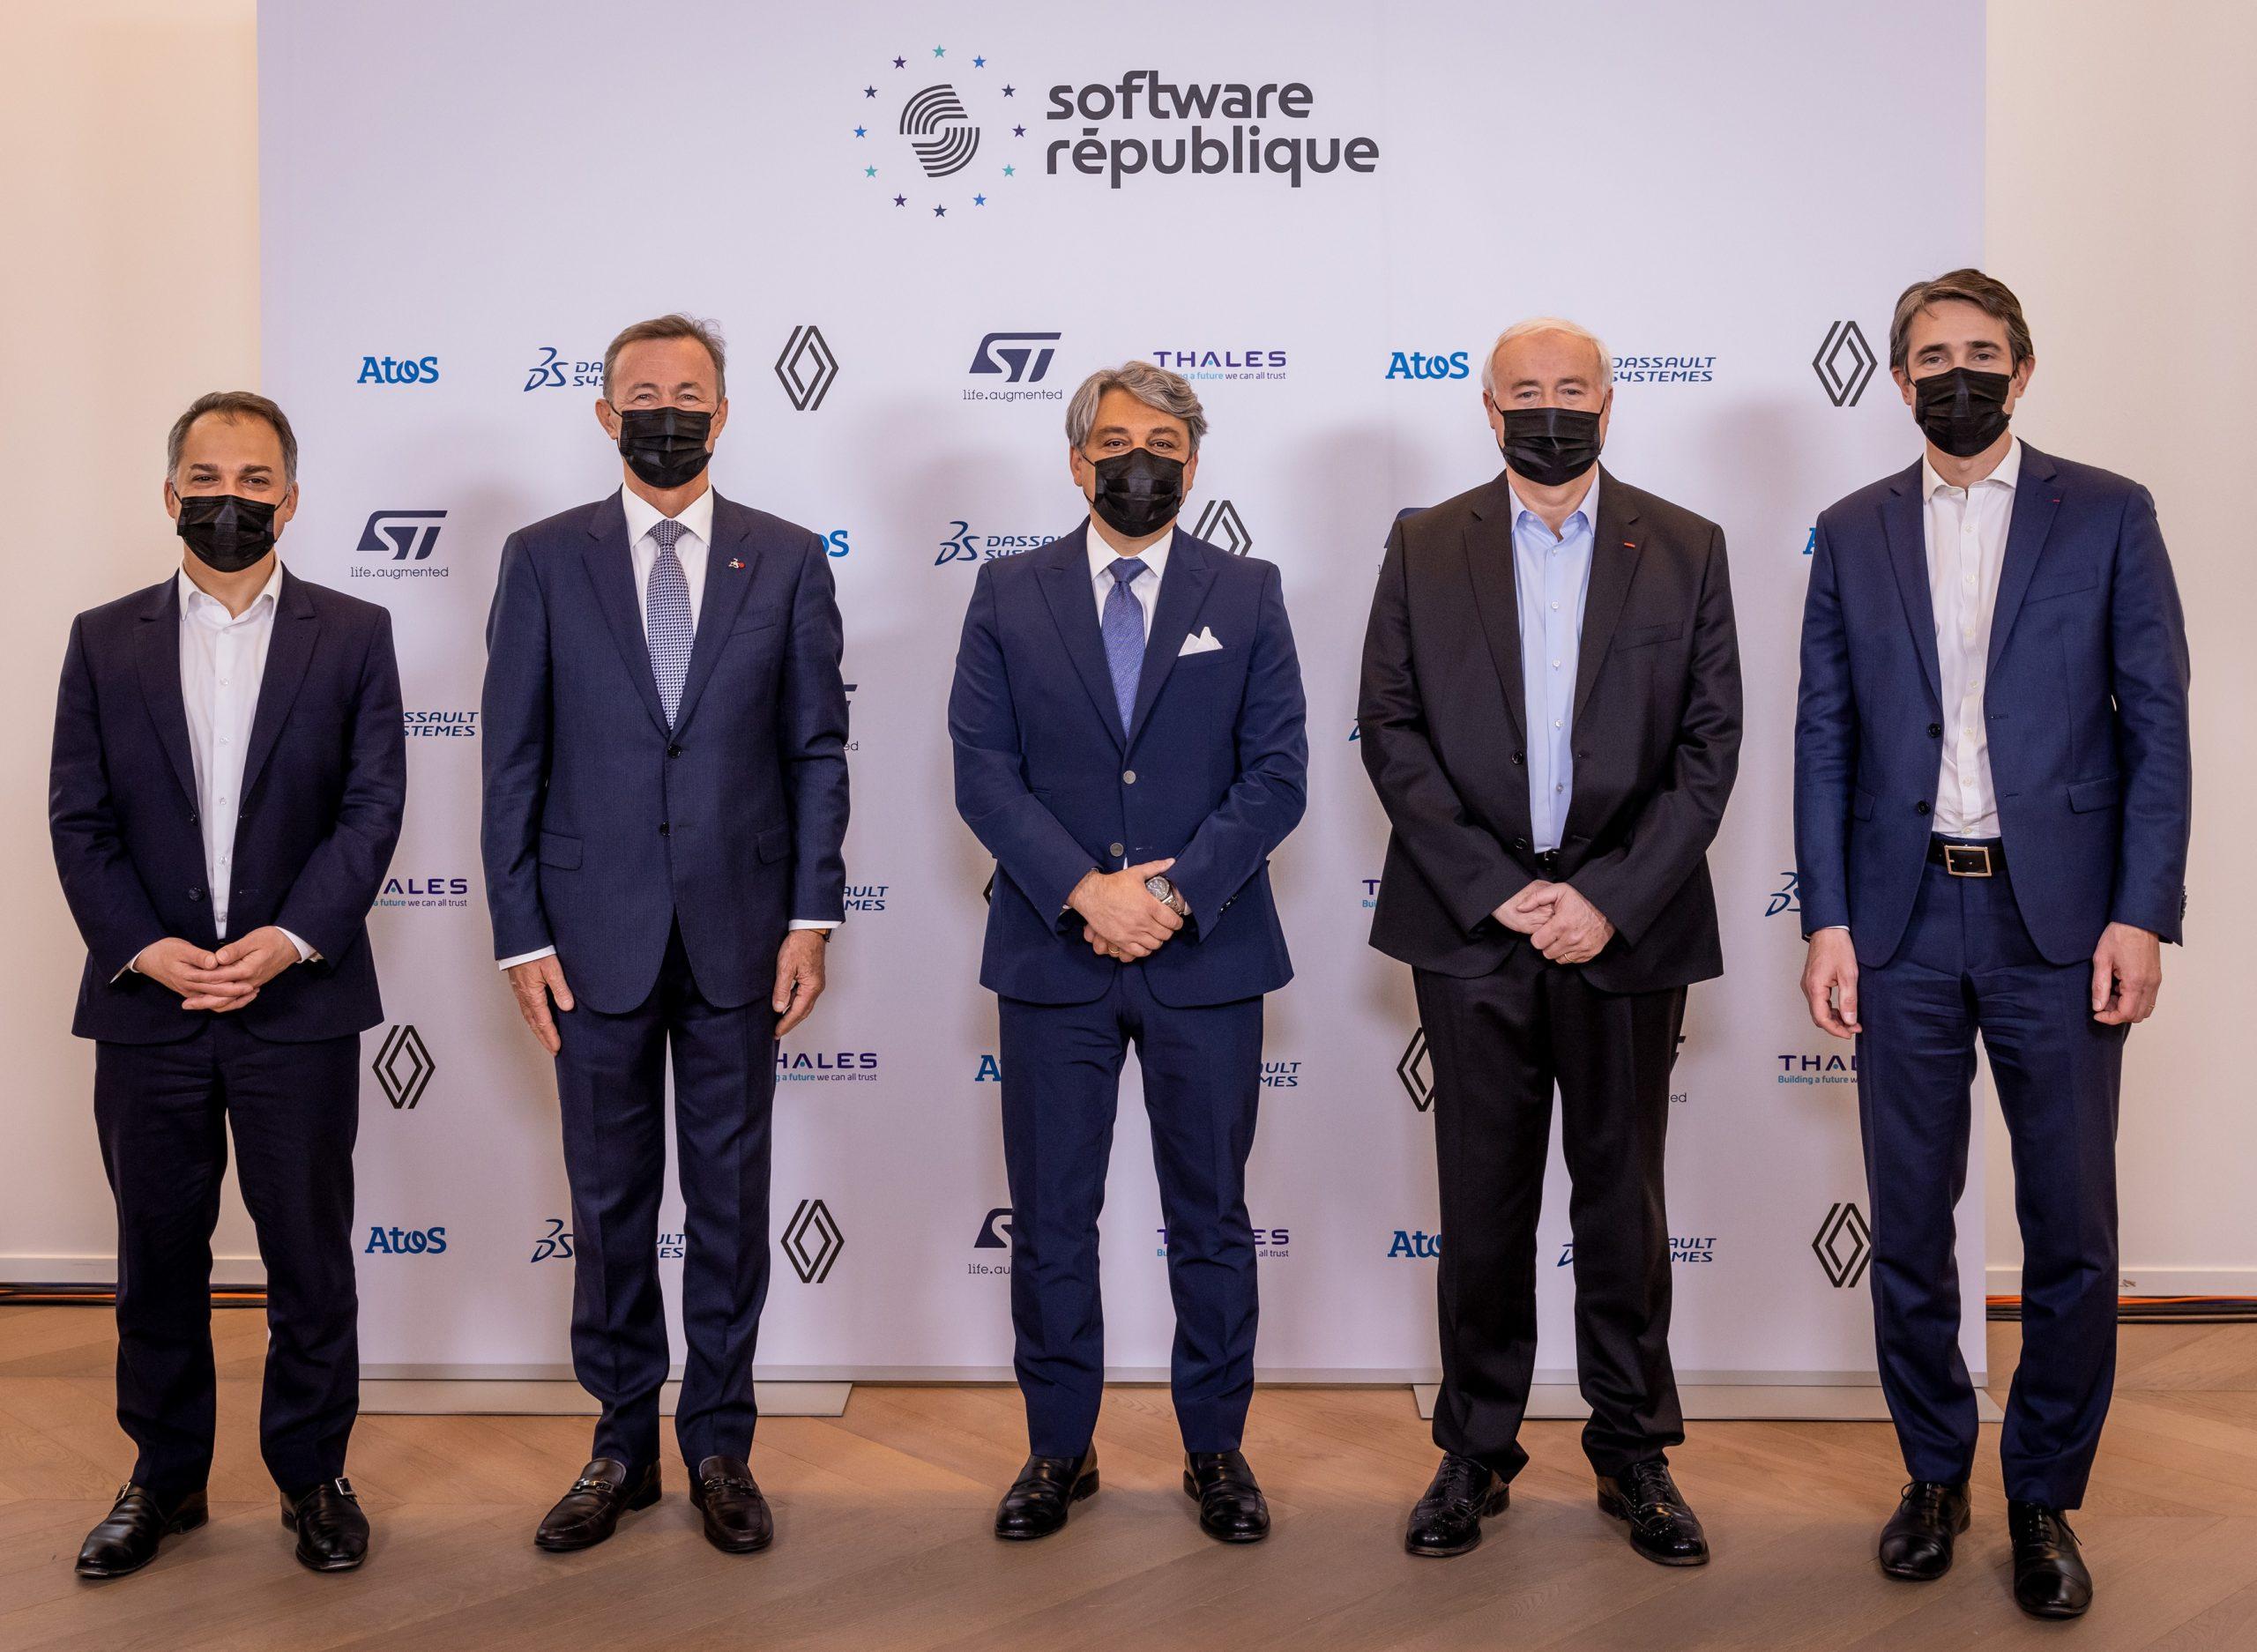 Renault и четыре ведущих корпорации будут строить экосистему для интеллектуальной мобильности